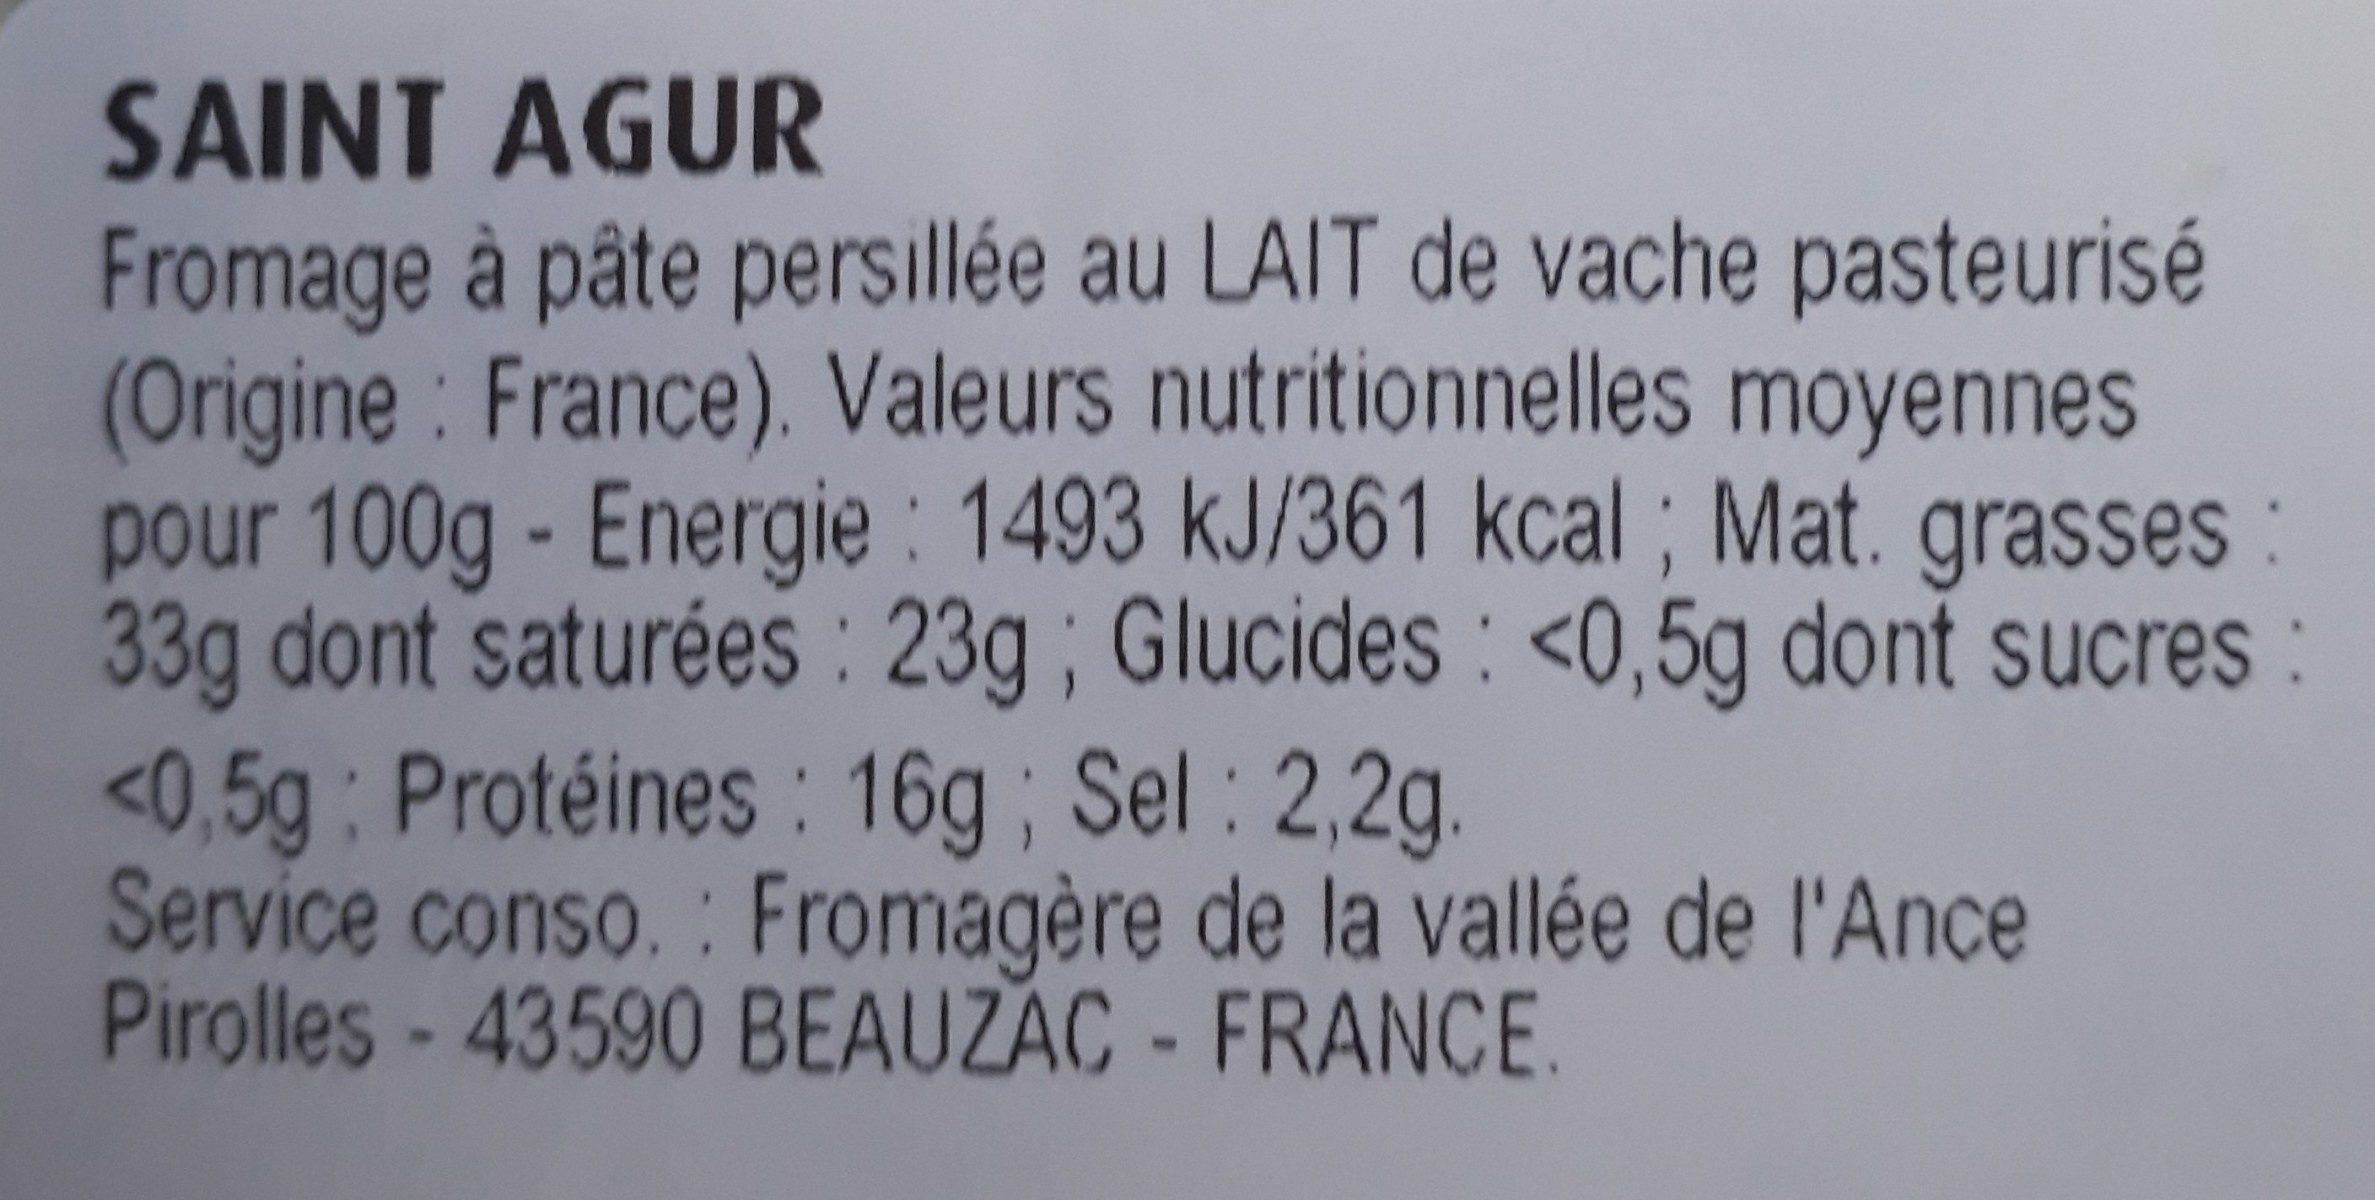 Saint Agur Intense - Ingrédients - fr